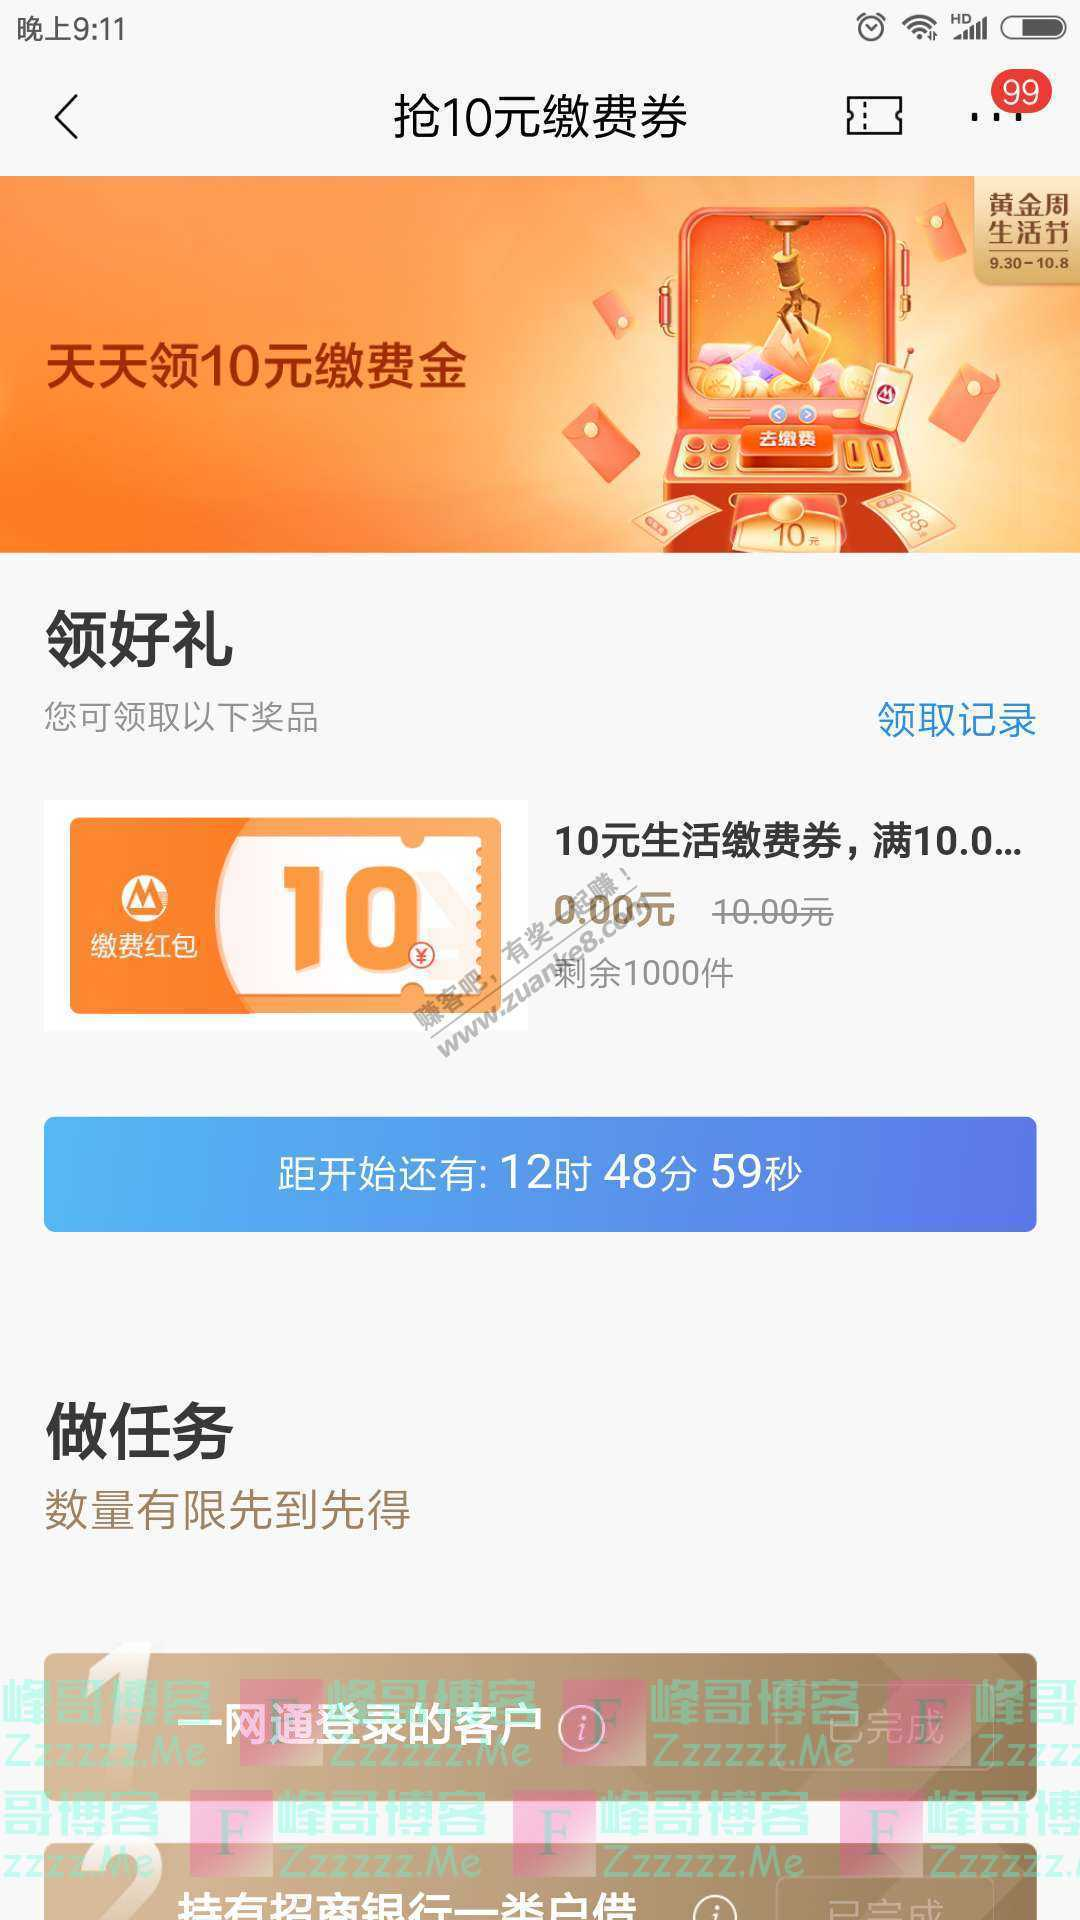 招商银行app抢10元缴费券(截止10月8日)